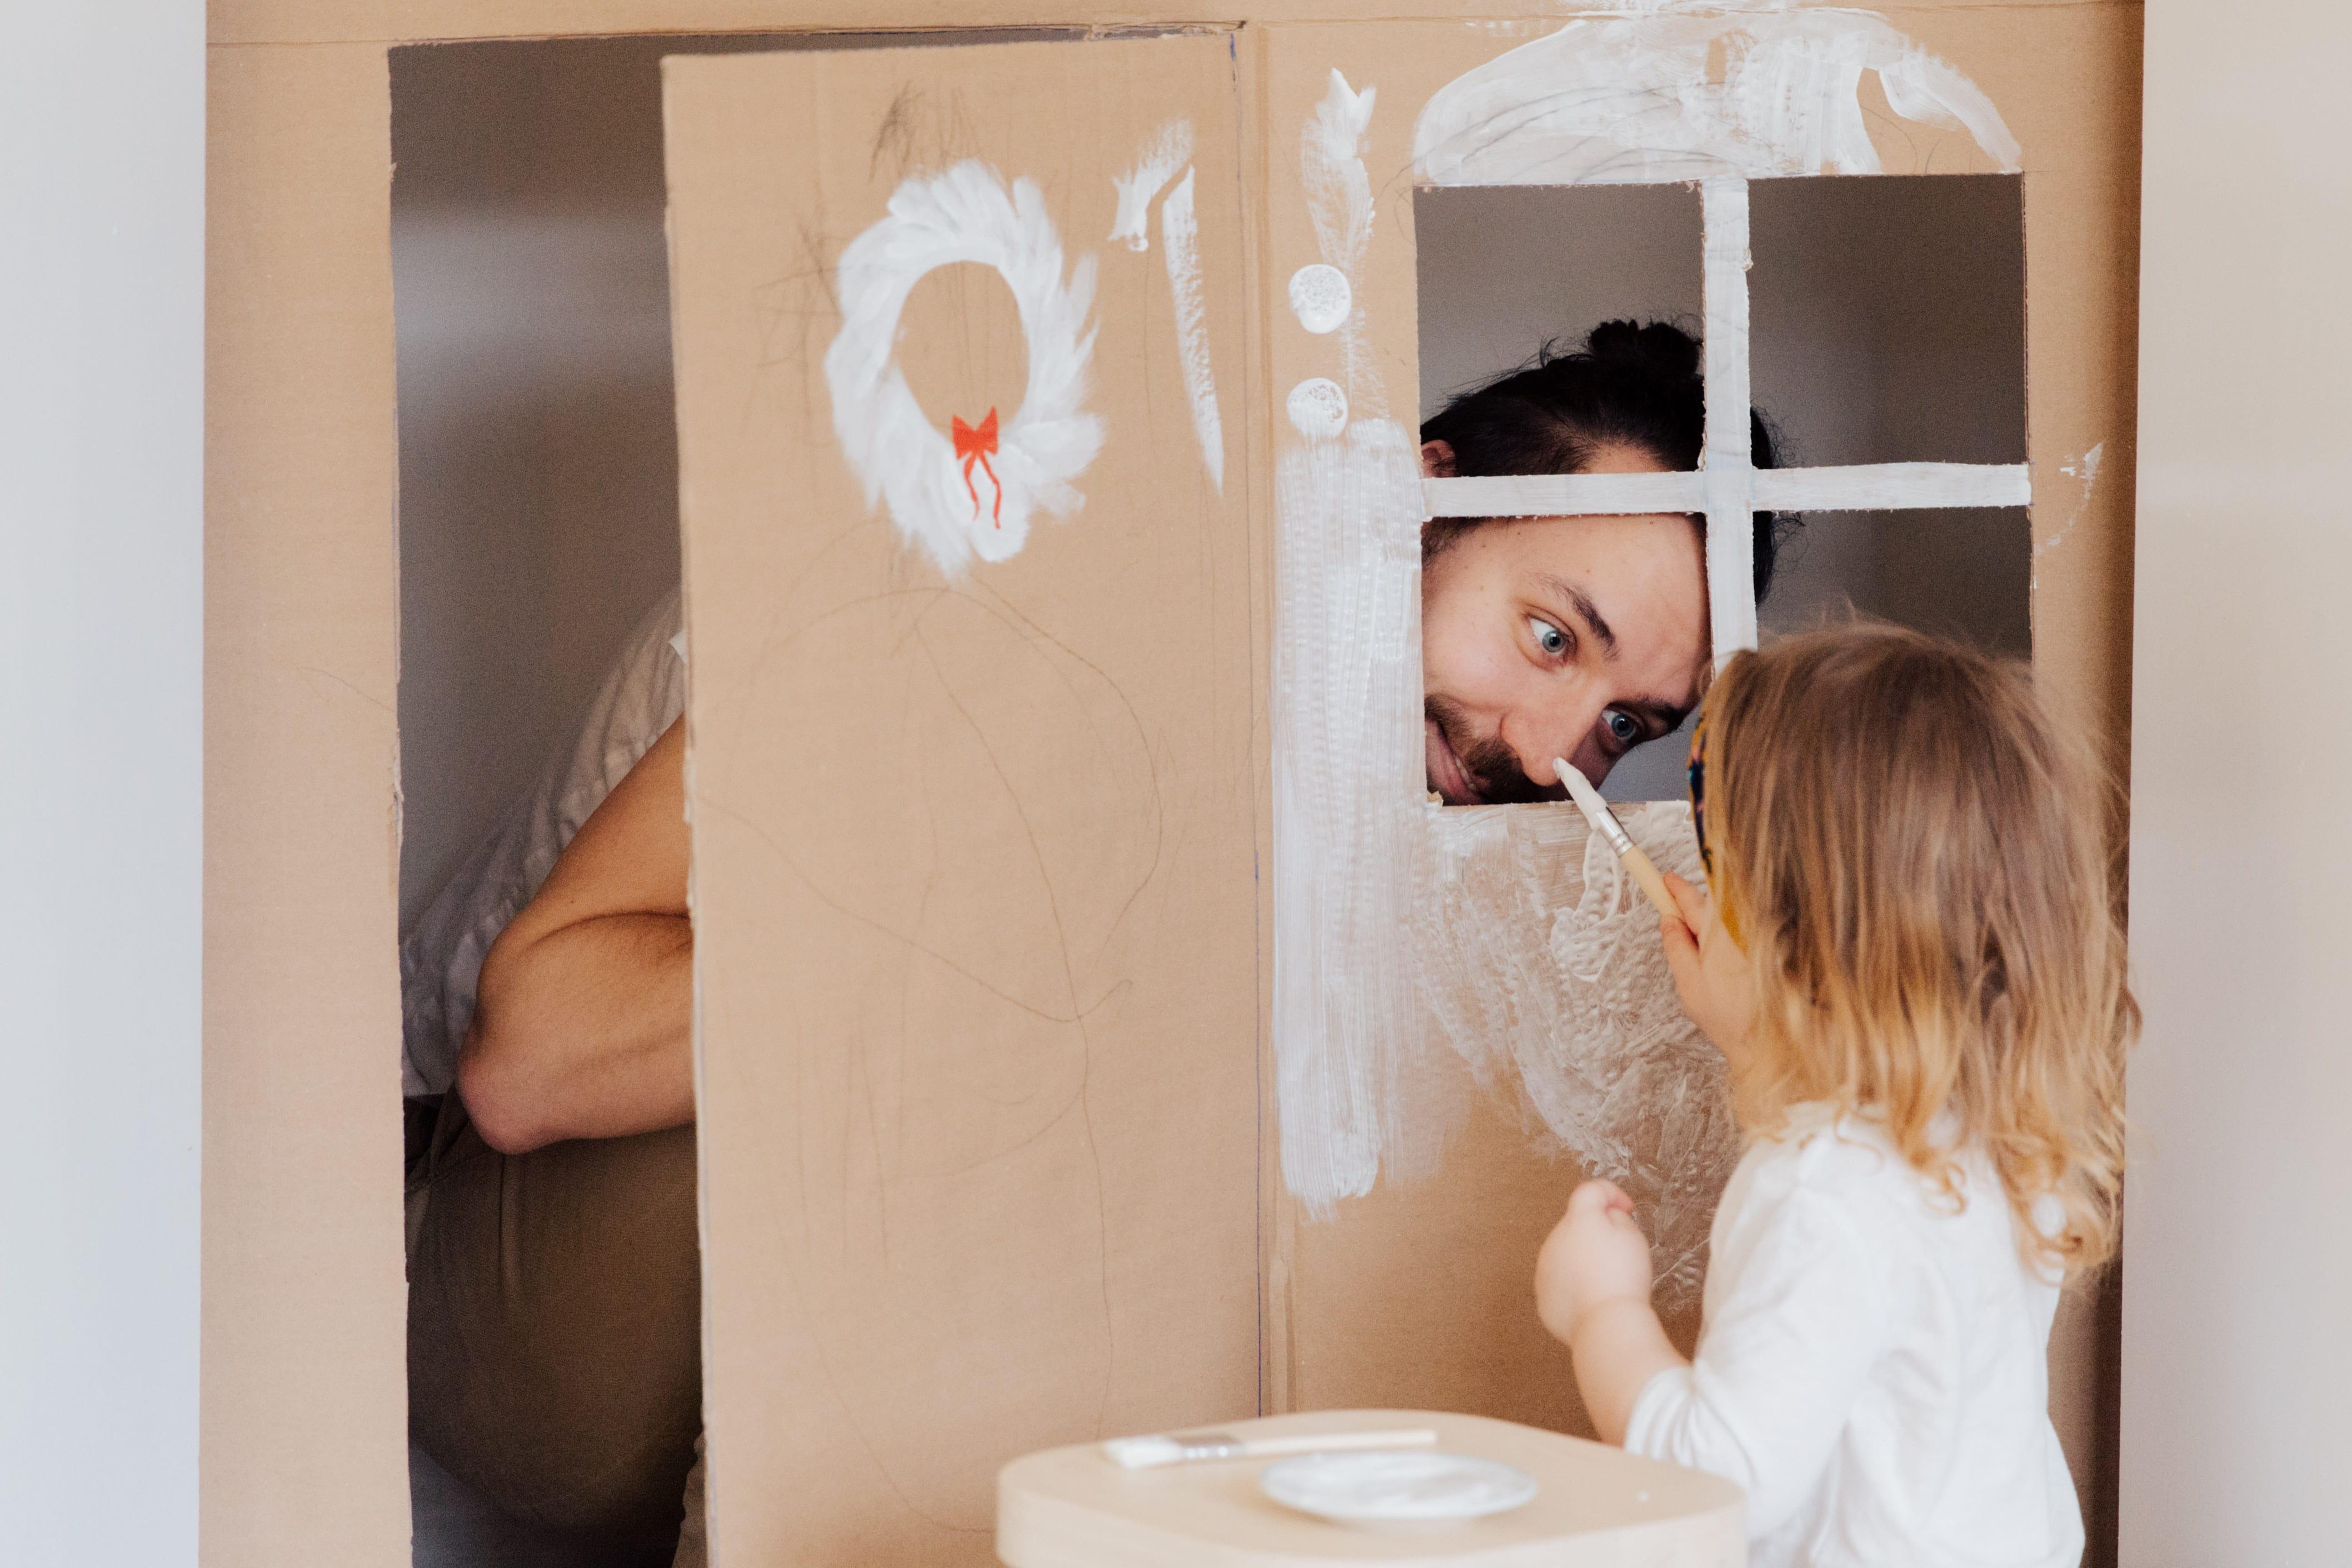 L'insertion d'un objet ou aliment dans le nez d'un enfant : comment réagir ? – les corps étrangers obstructifs